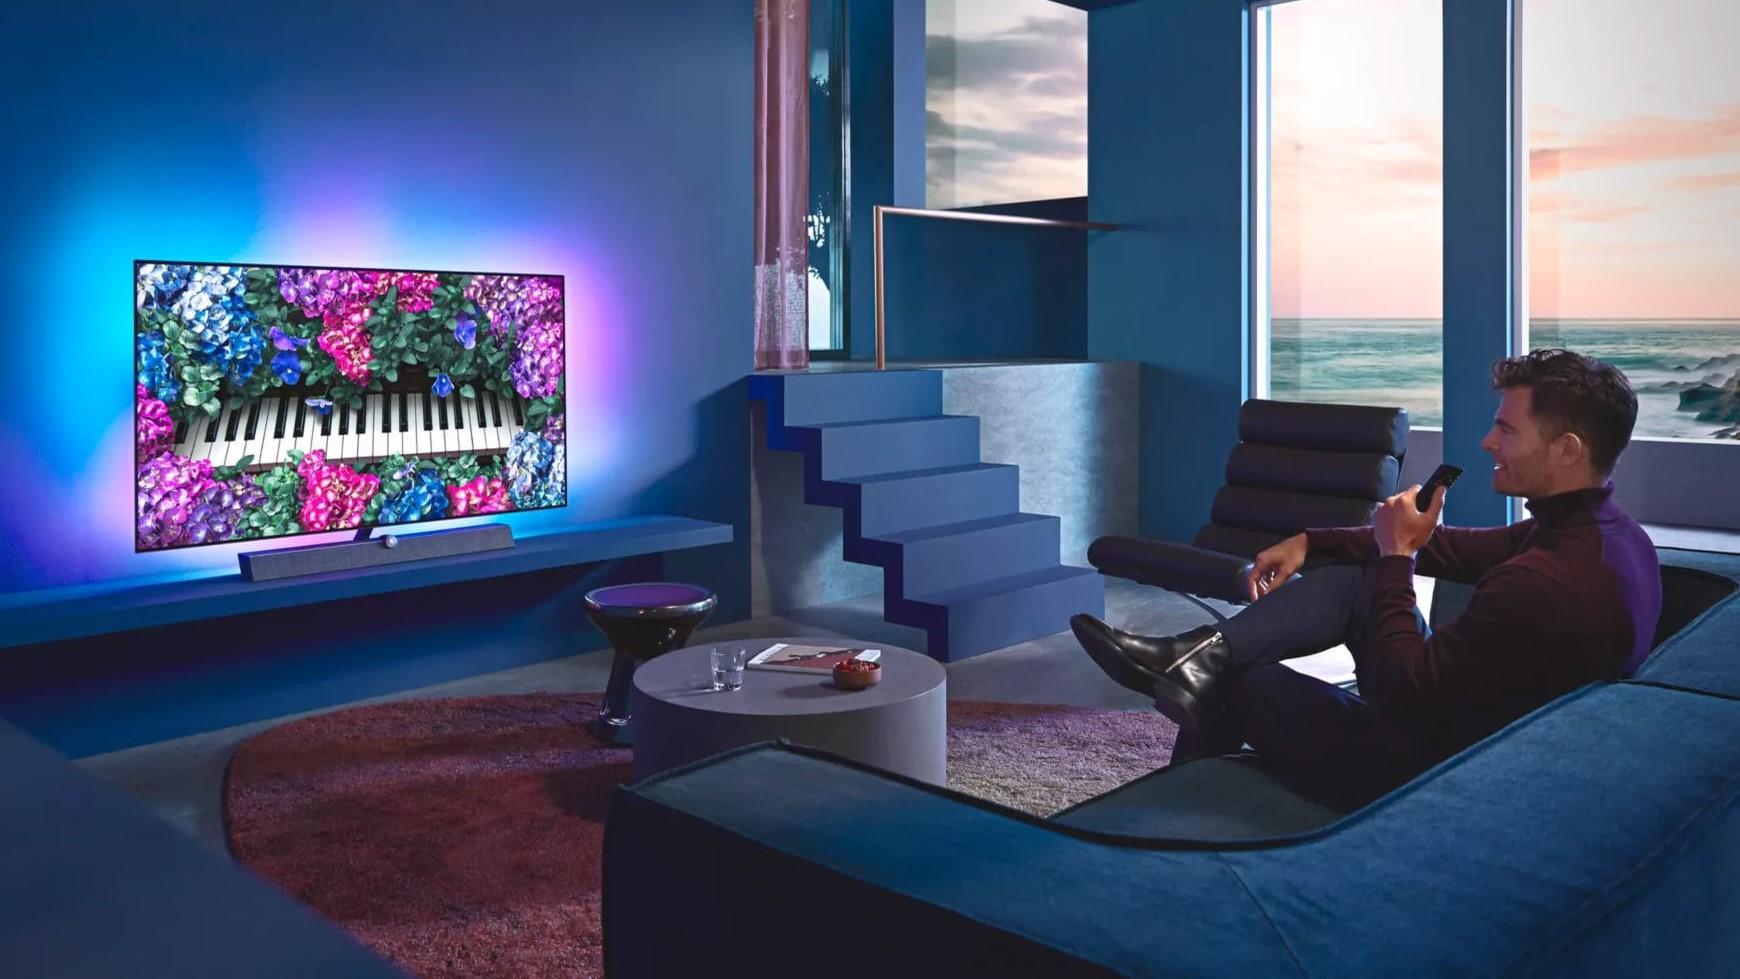 Xiaomi Mi 6 TV